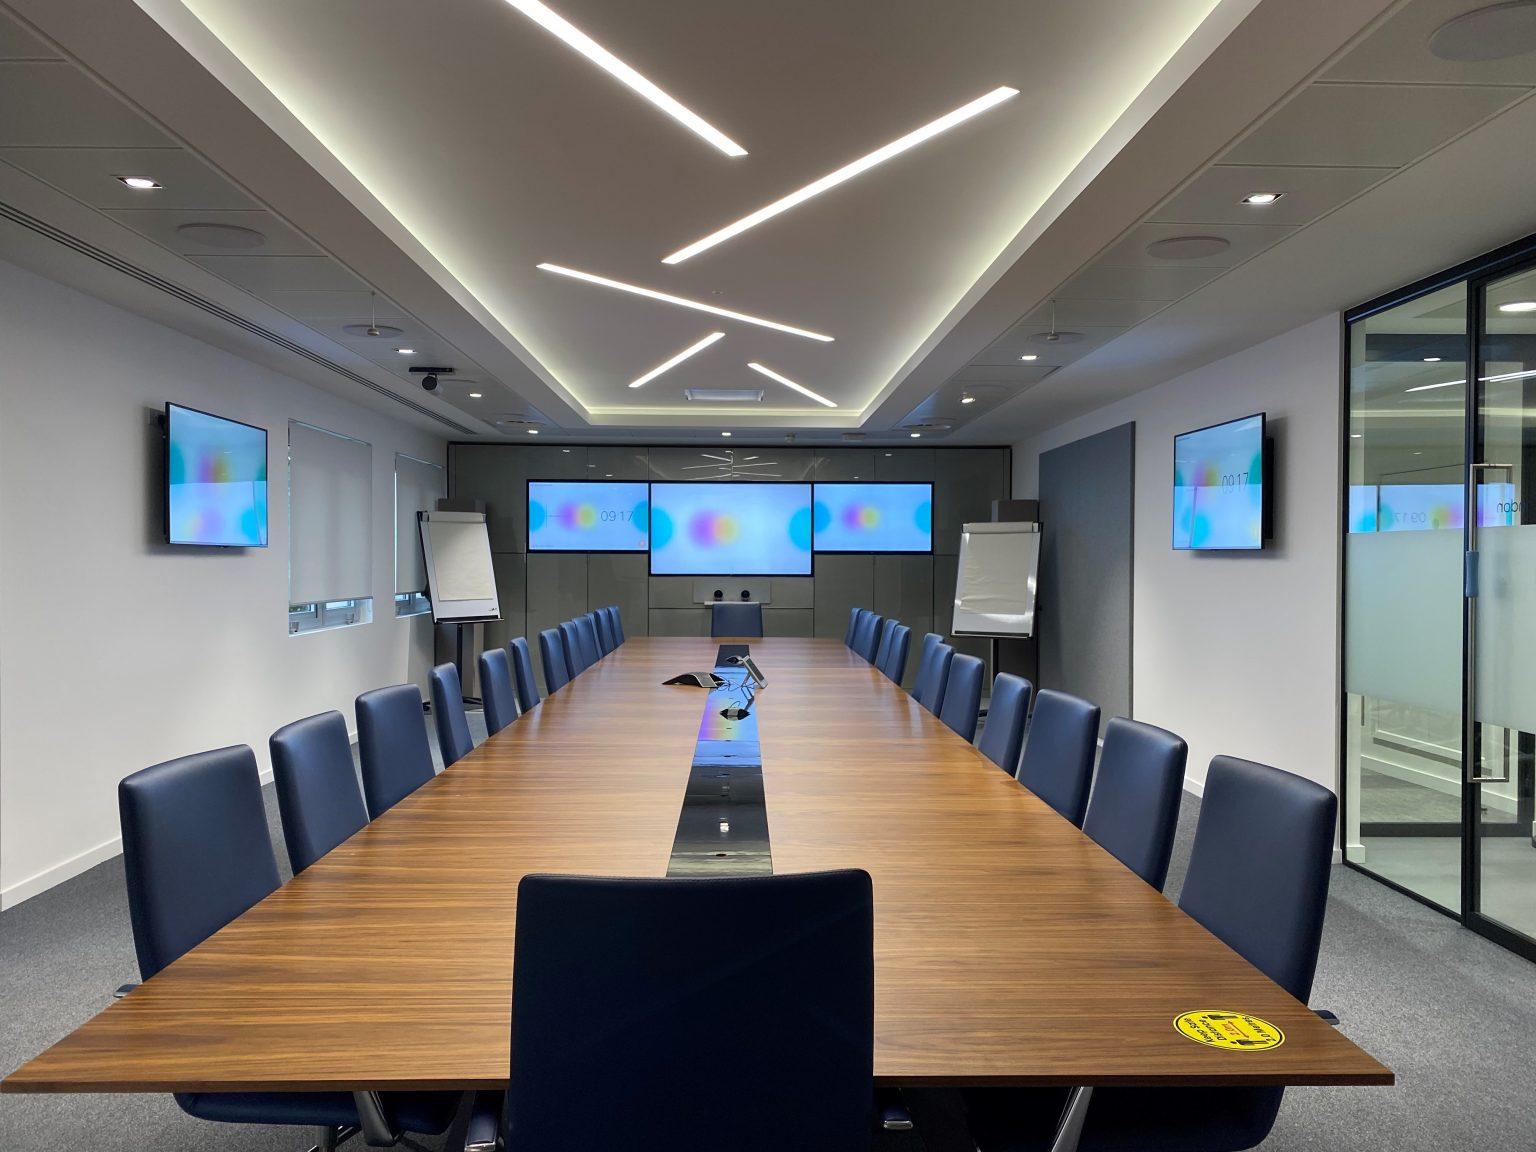 Board room AV Technology Solution from AV Connections